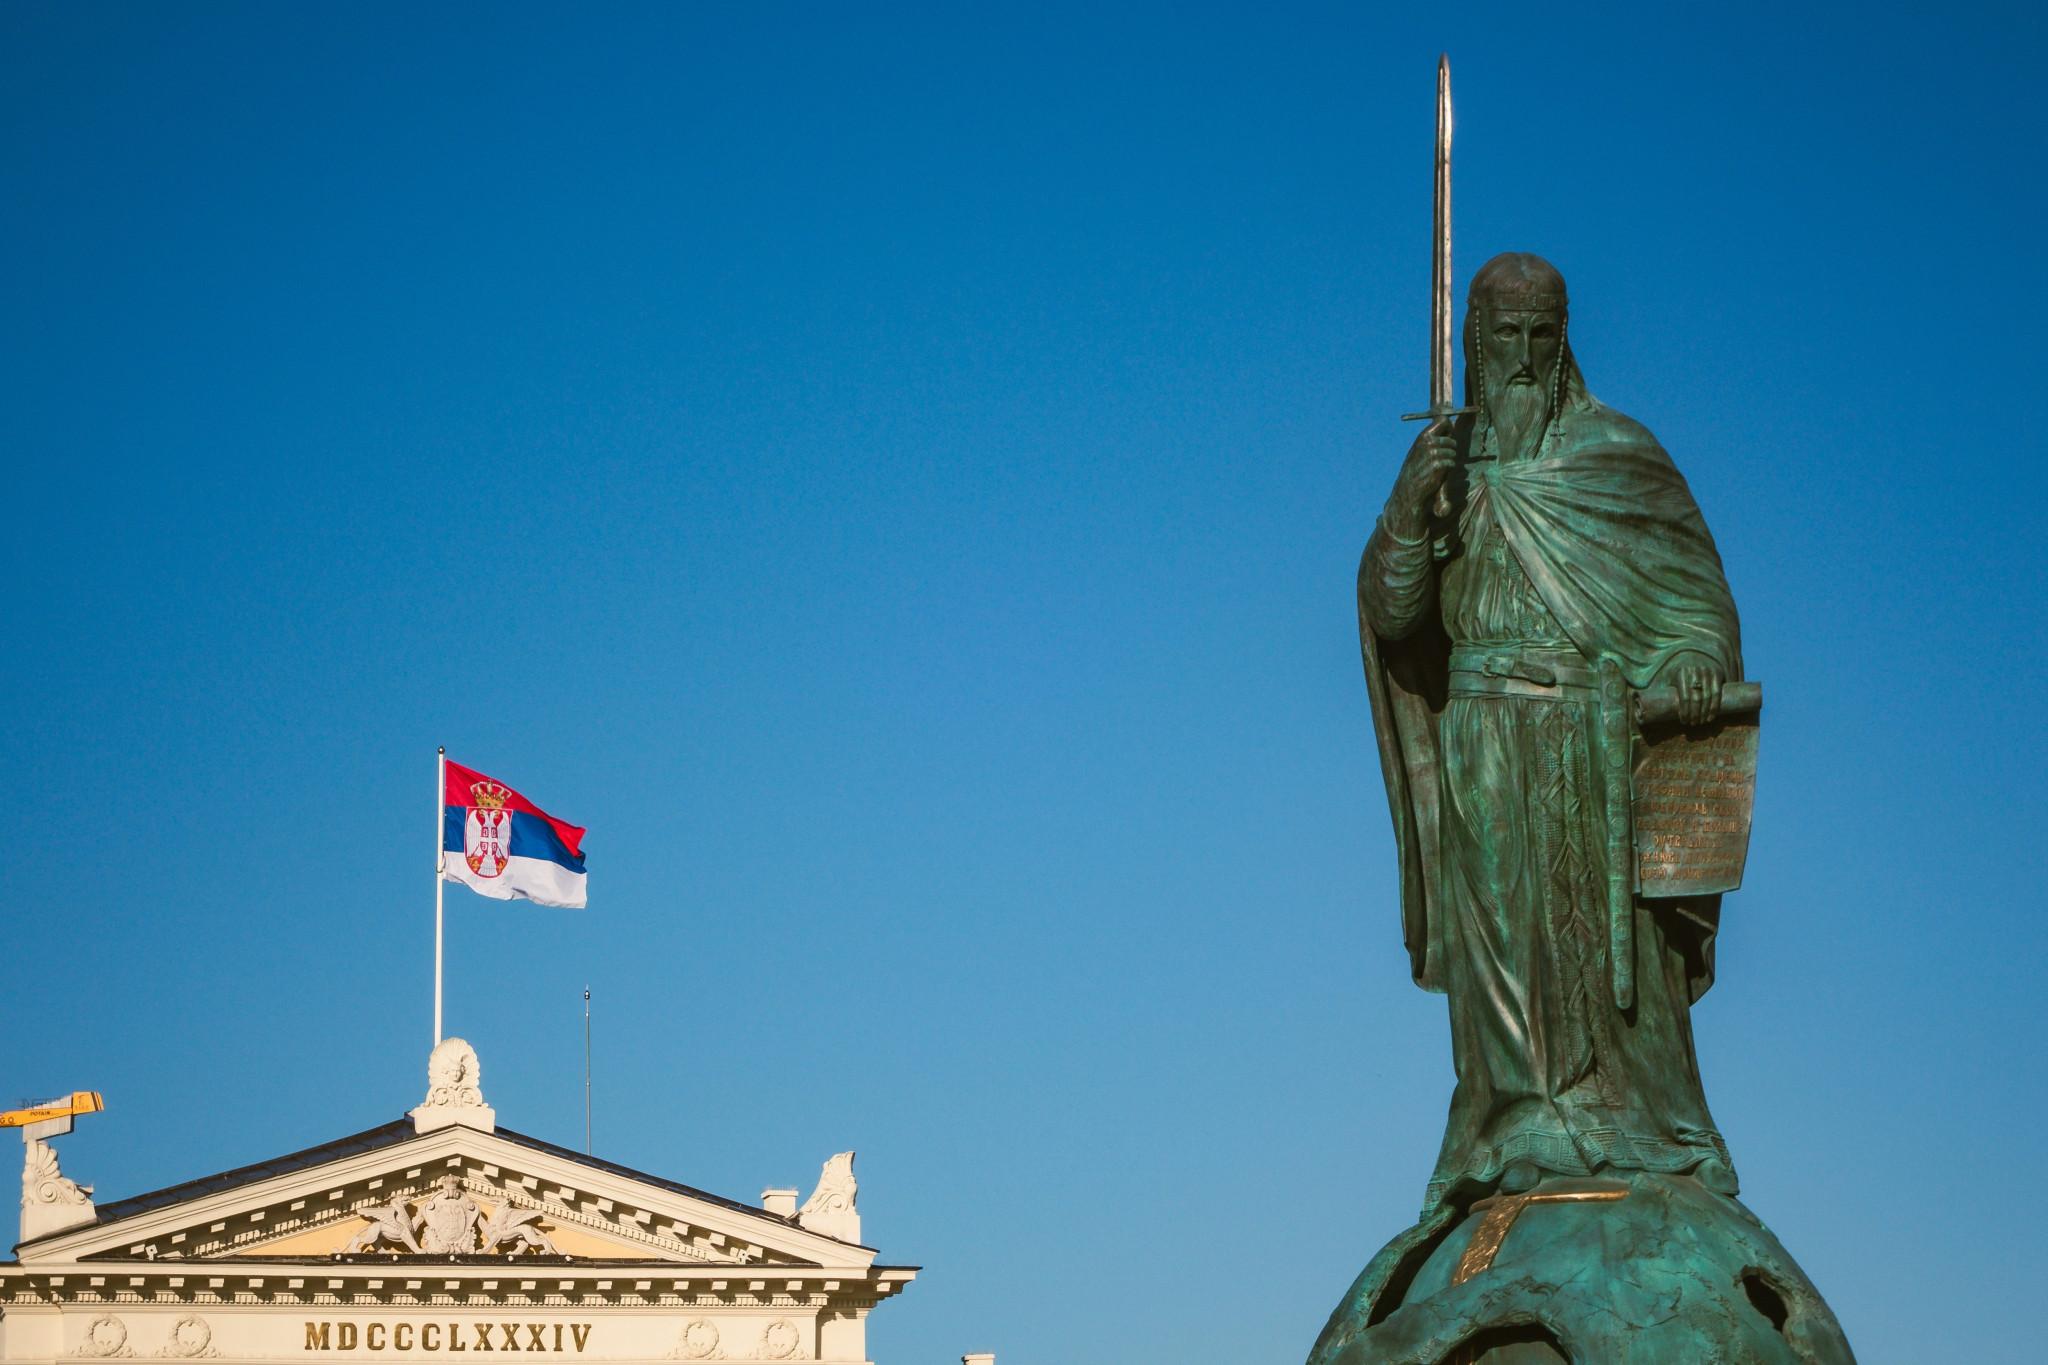 Belgrade could host European Universities Games in 2023 under new plans